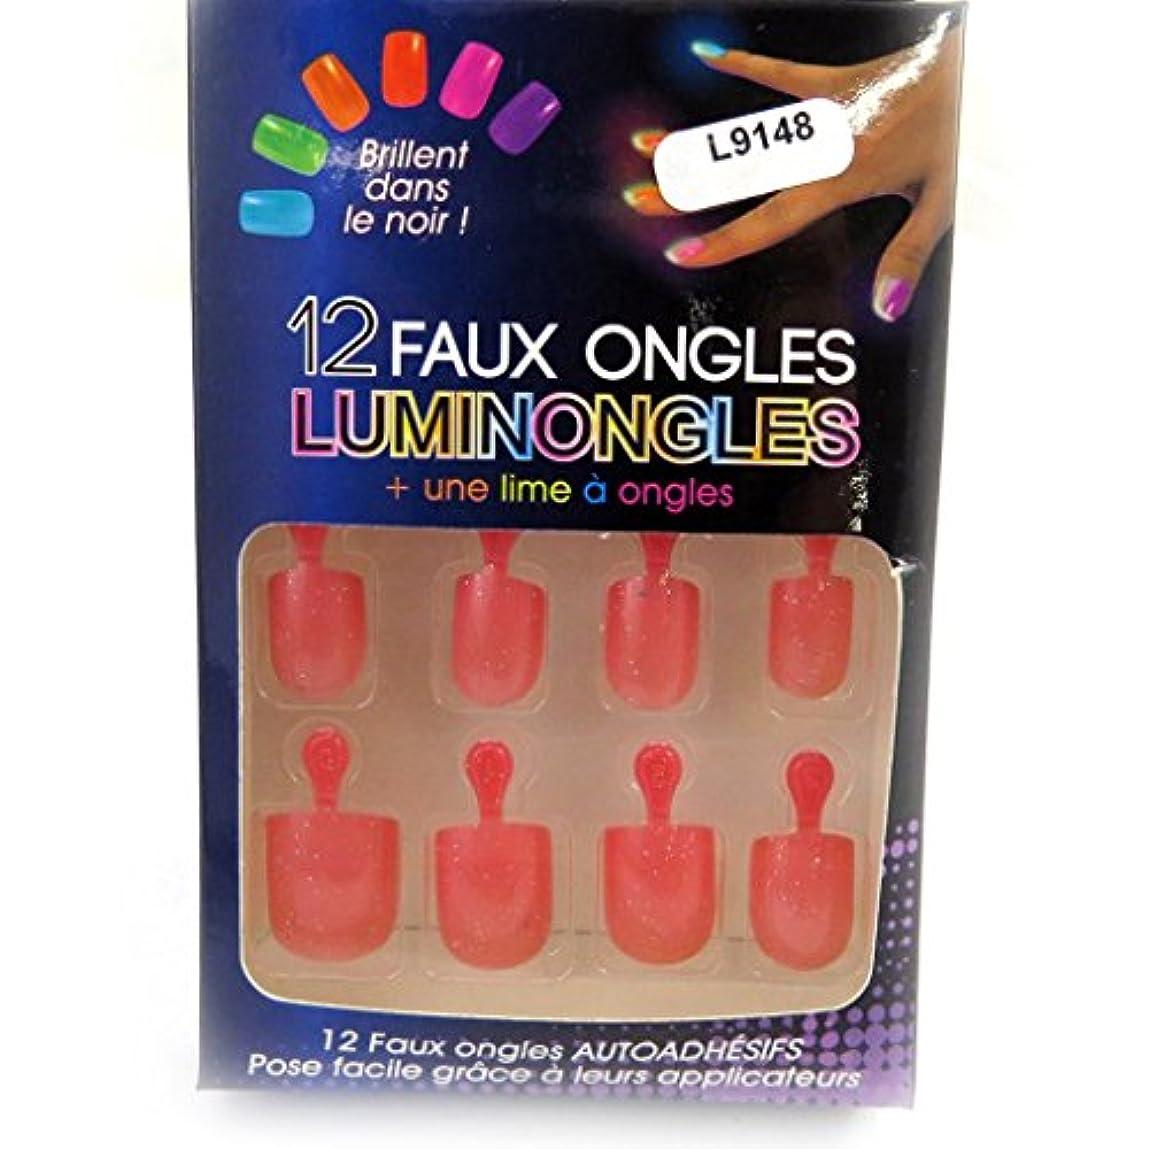 とげ希望に満ちた小説家[リリーの宝 (Les Tresors De Lily)] (Luminongles コレクション) [L9148] アクリルスカルプチュア ピンク